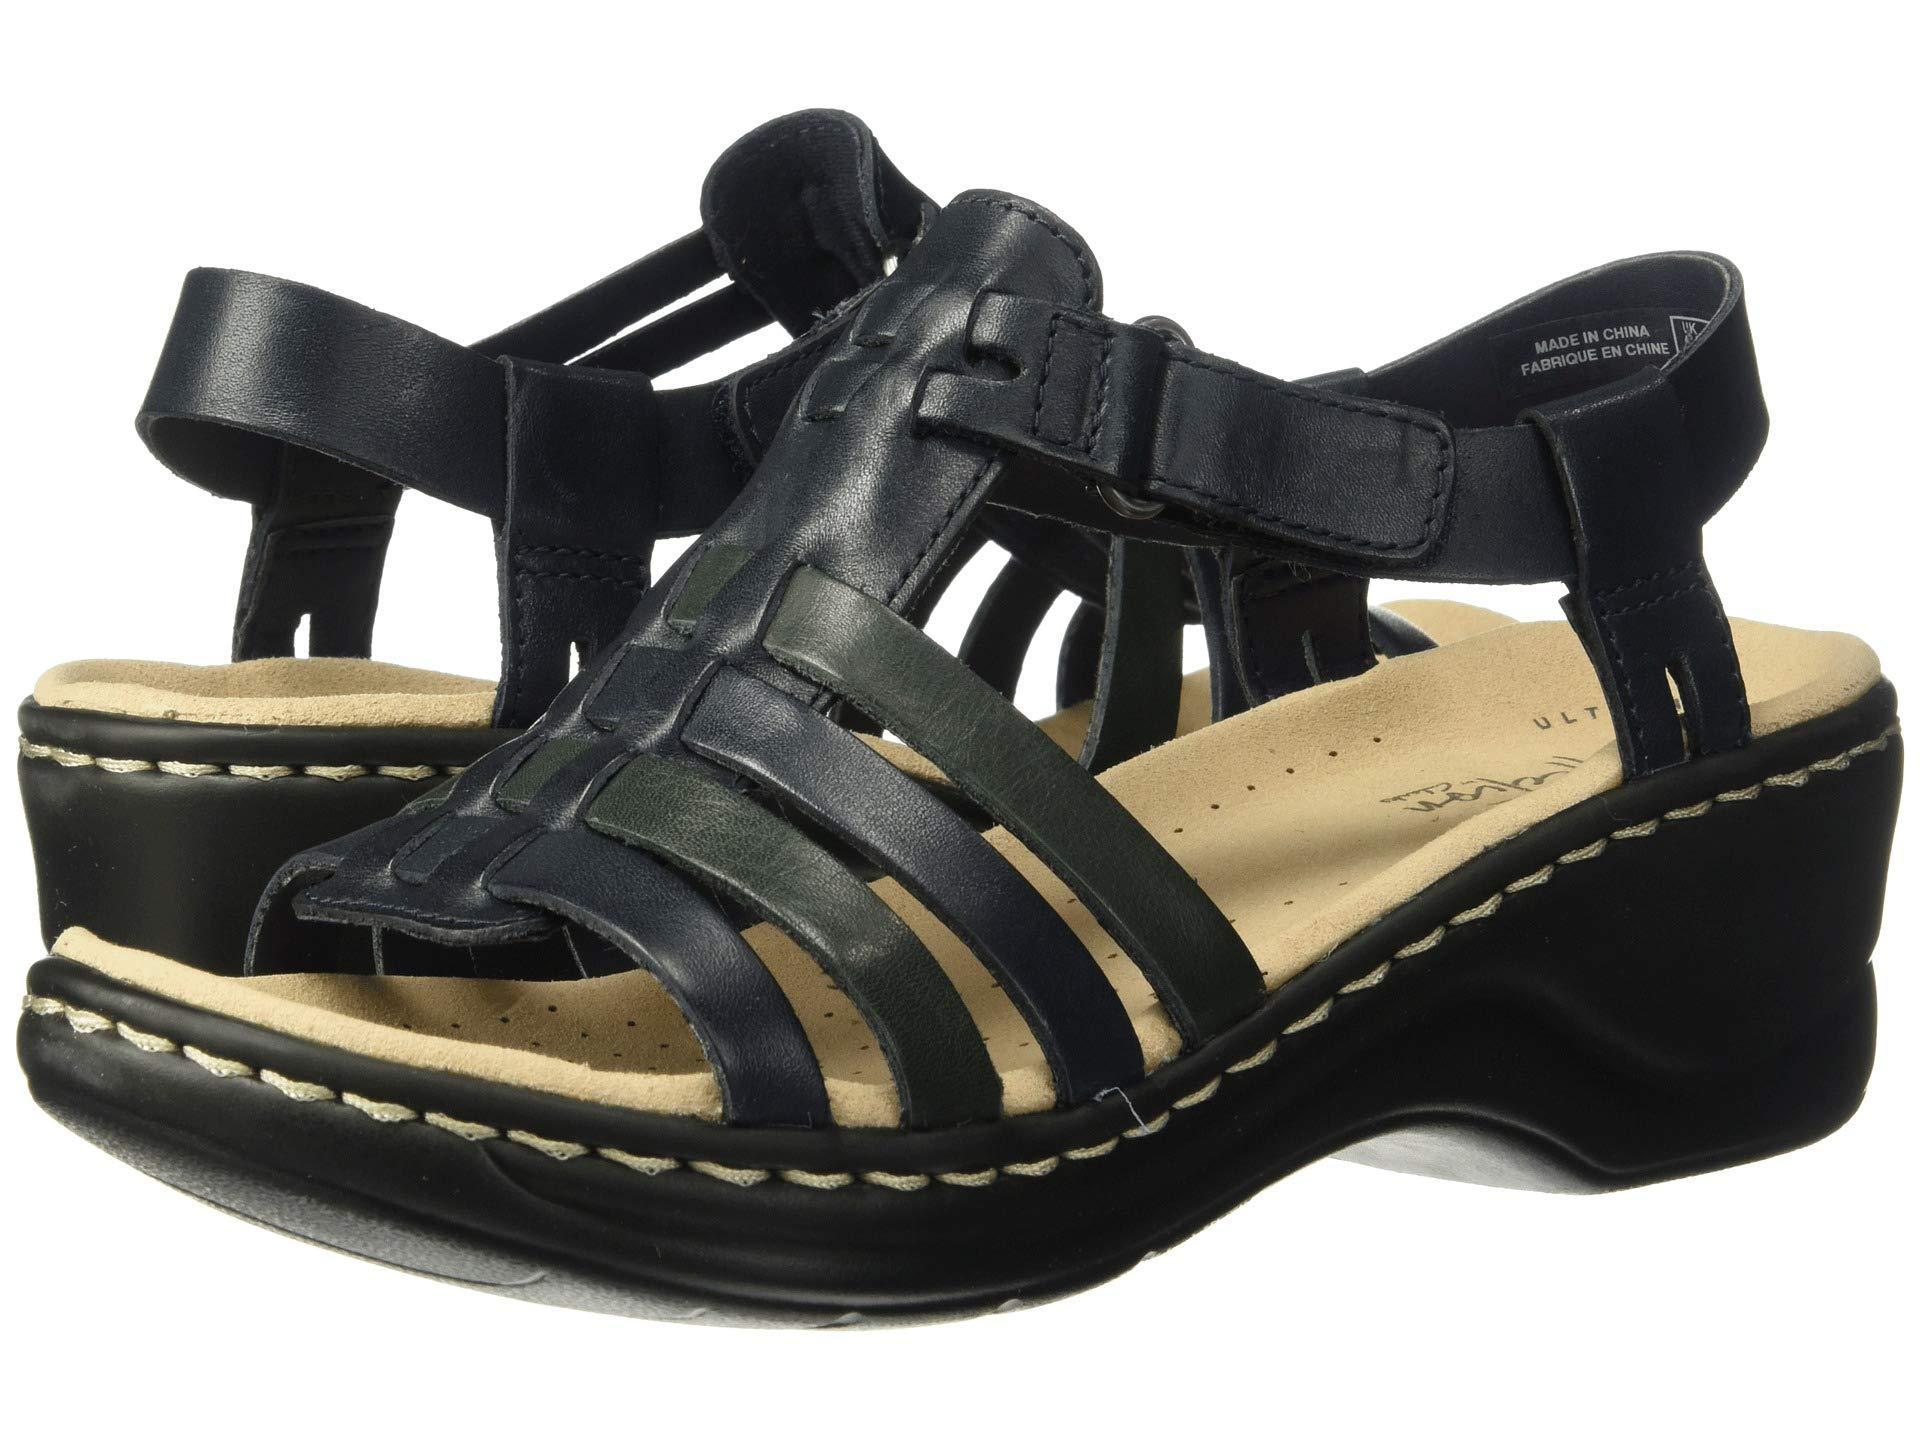 399ab3550de Lyst - Clarks Lexi Bridge (white Leather) Women s Dress Sandals